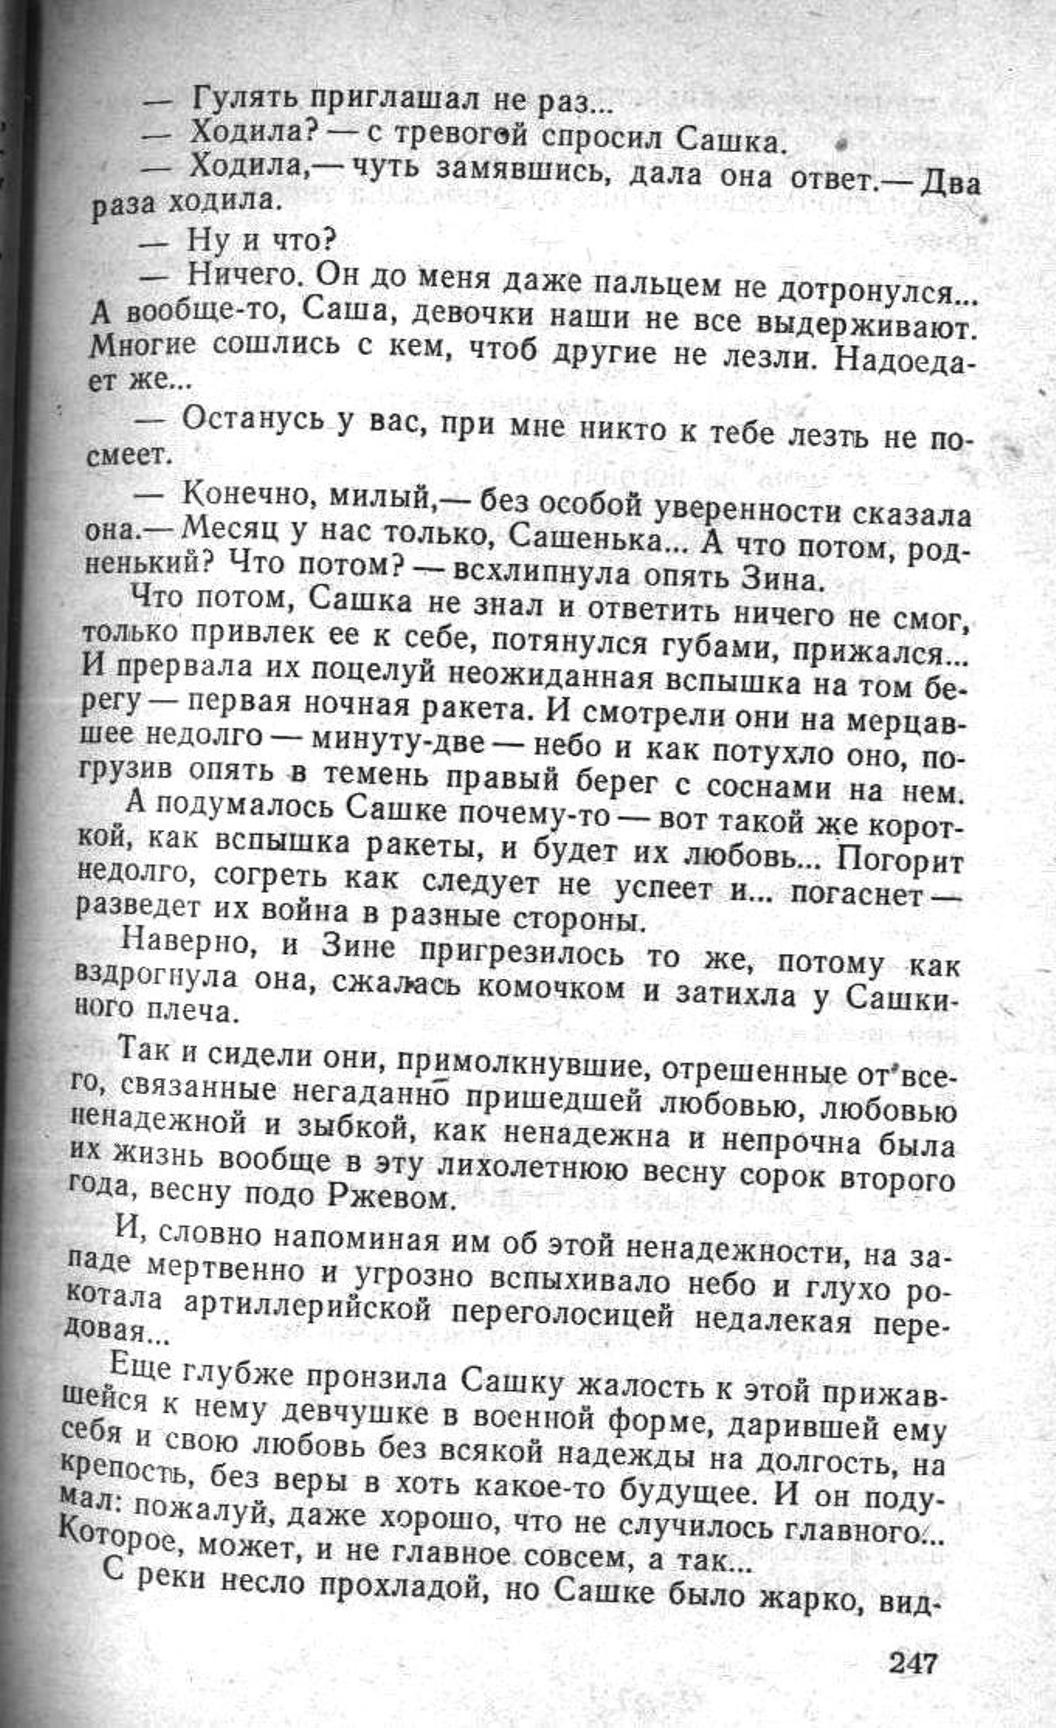 Сашка. Повесть. Вячеслав Кондратьев. 010. 004